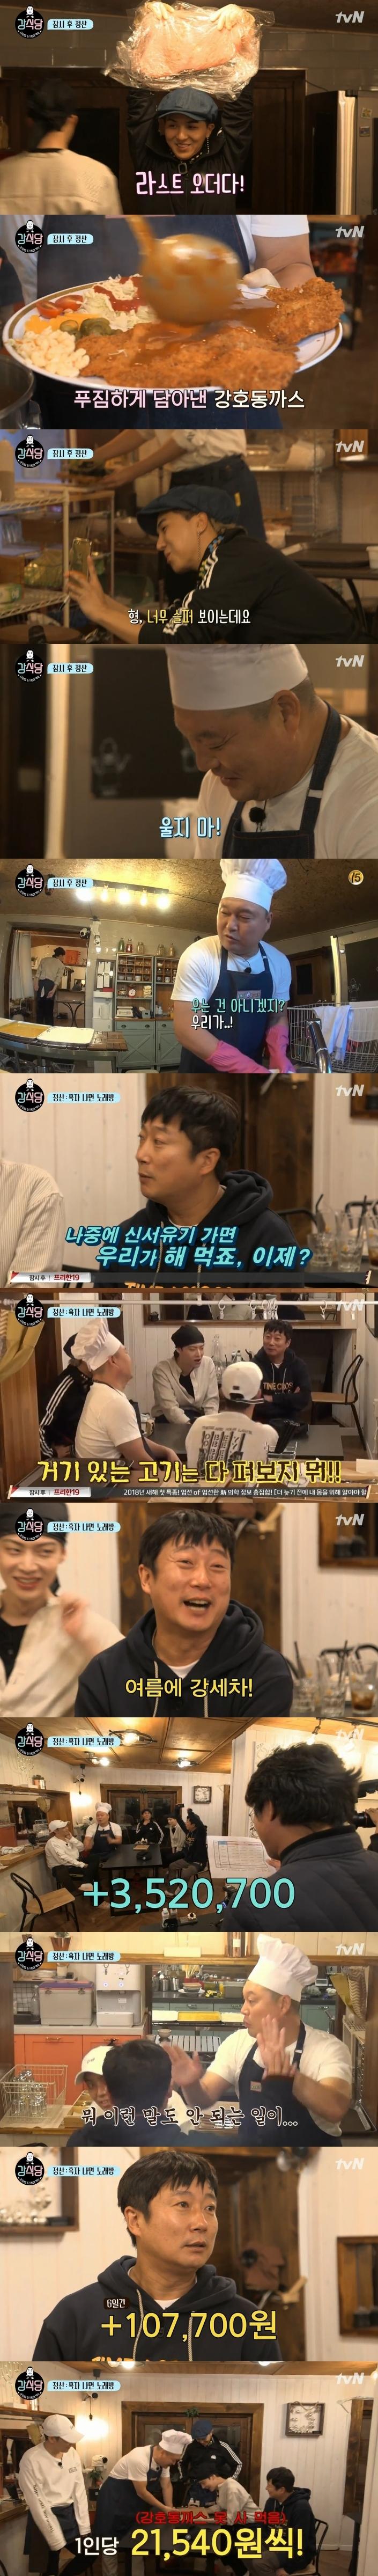 '강식당' 기적의 흑자 마감…'신서유